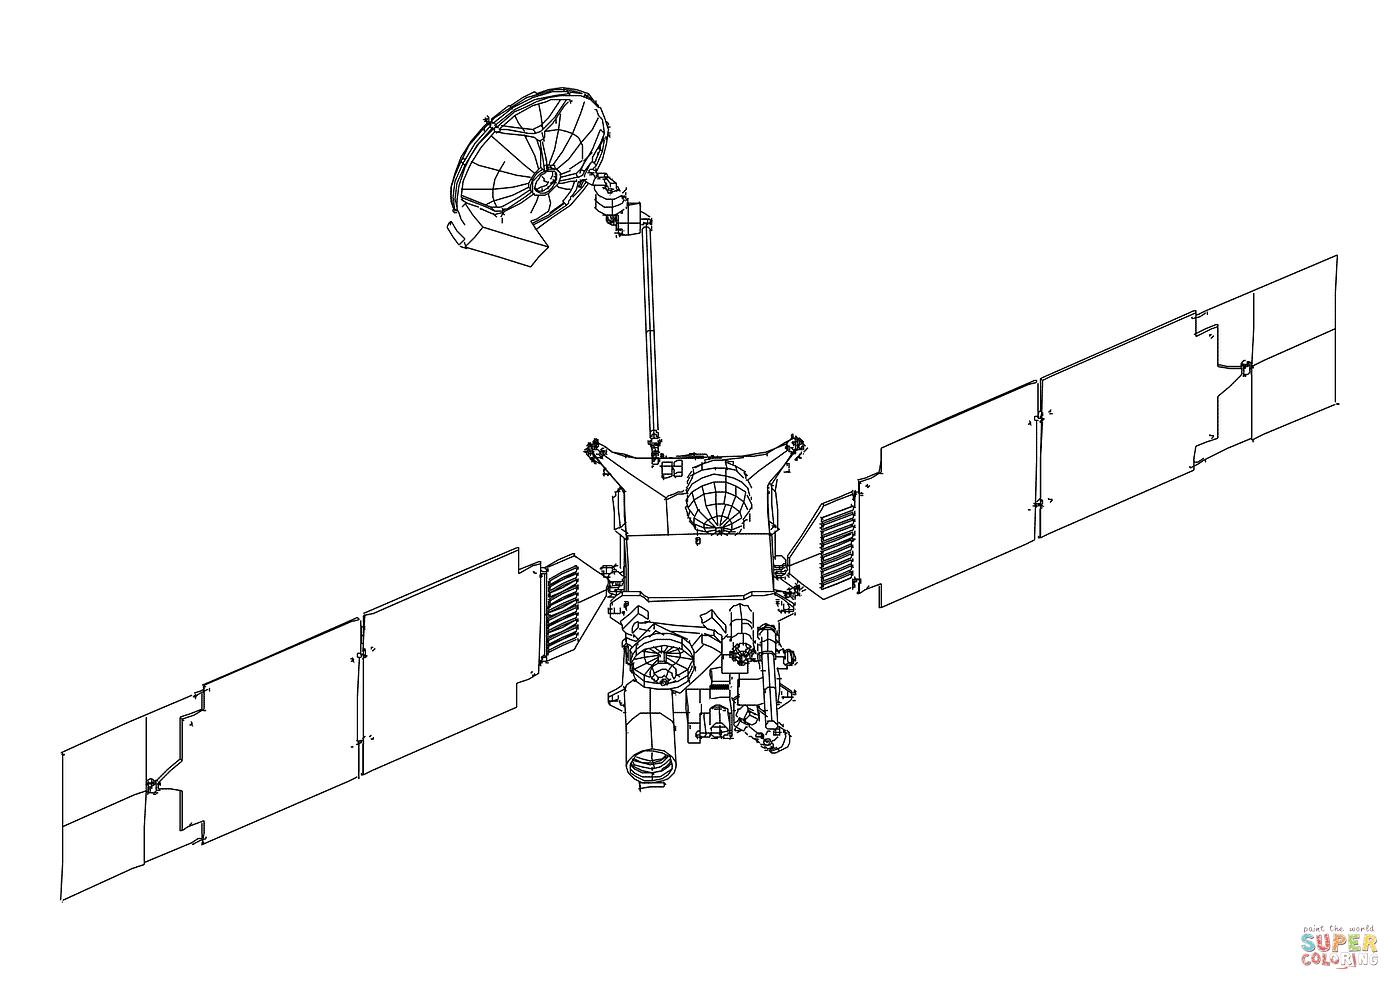 Satelite coloring #2, Download drawings